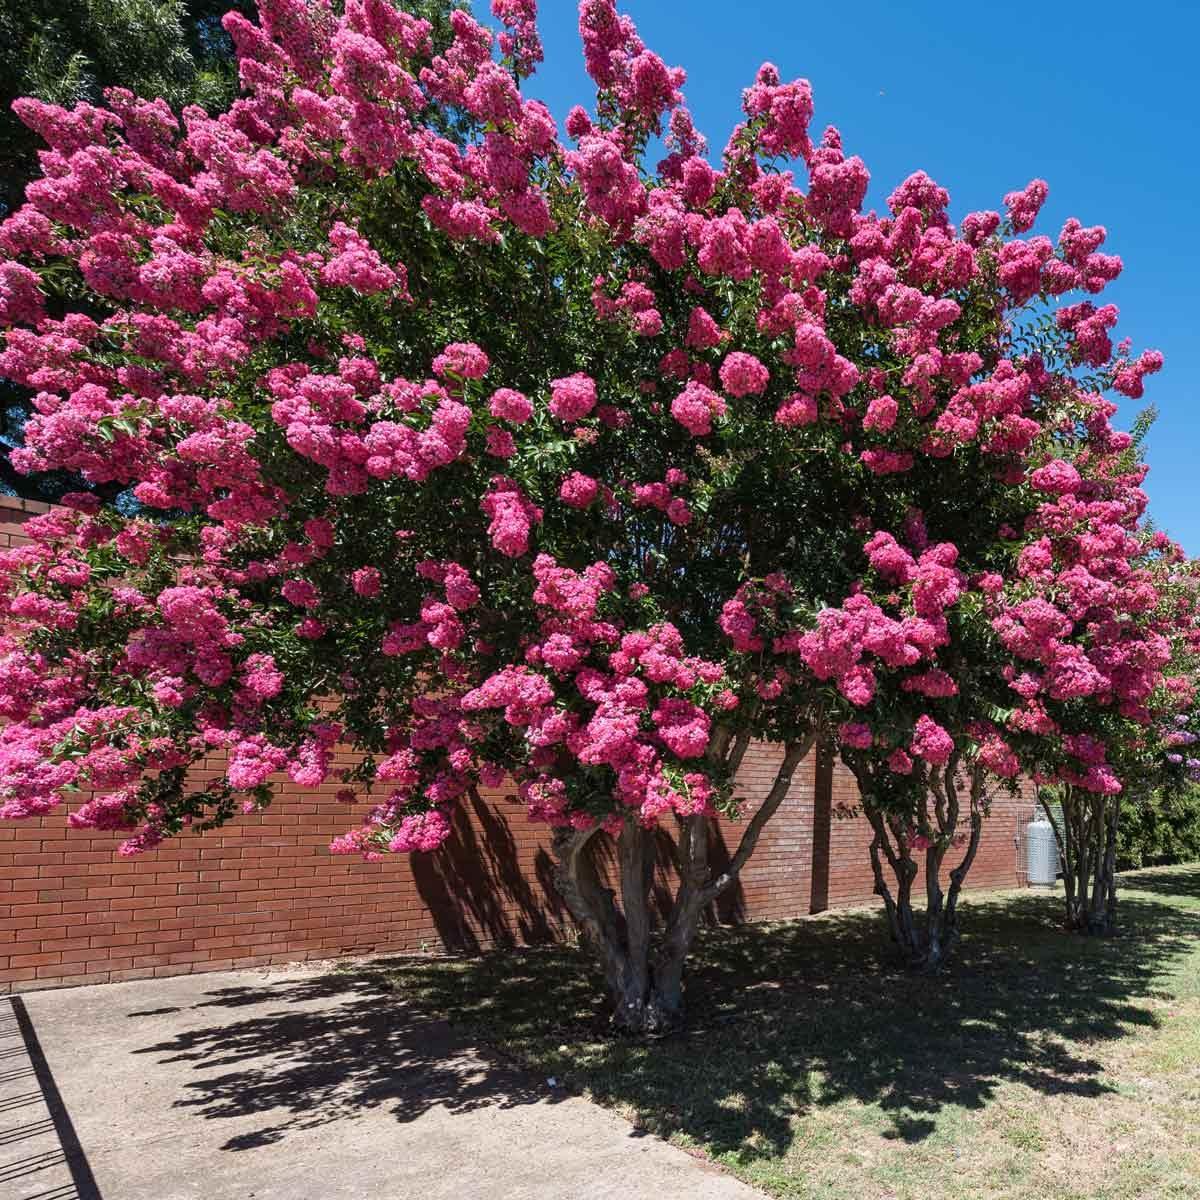 Crape Myrtle flowering tree